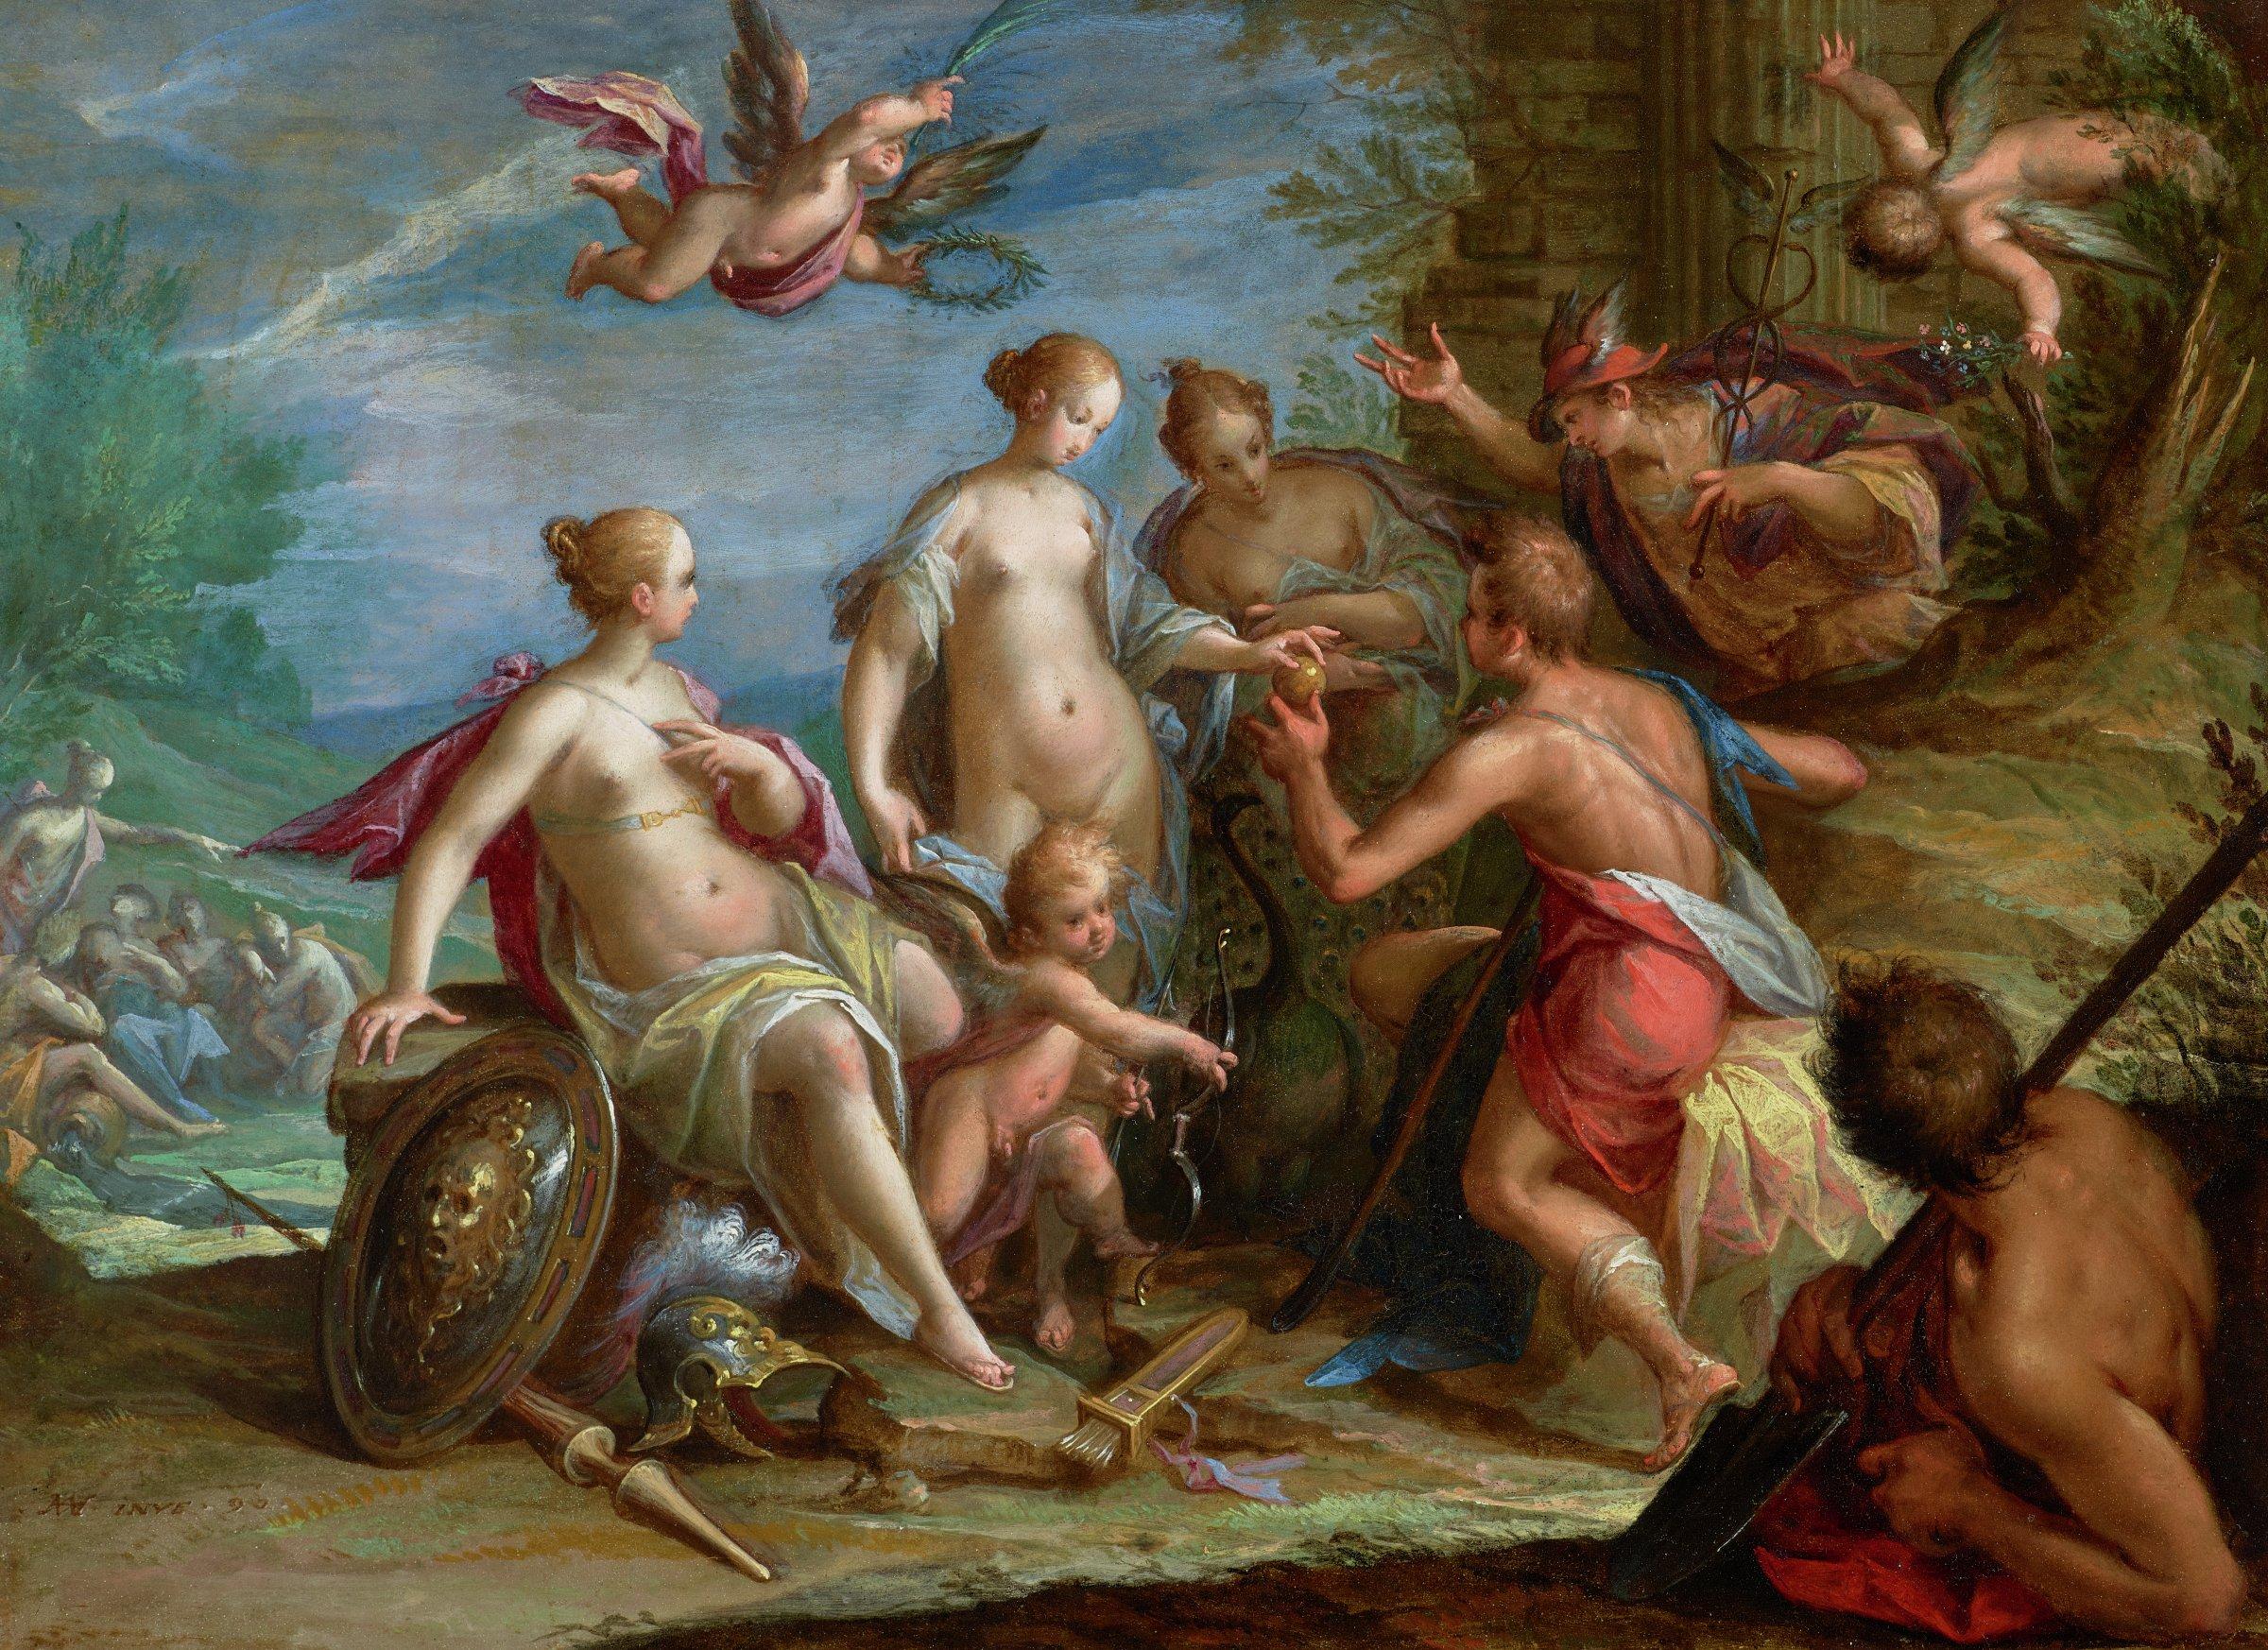 The Judgment of Paris, Hans von Aachen, oil on copper